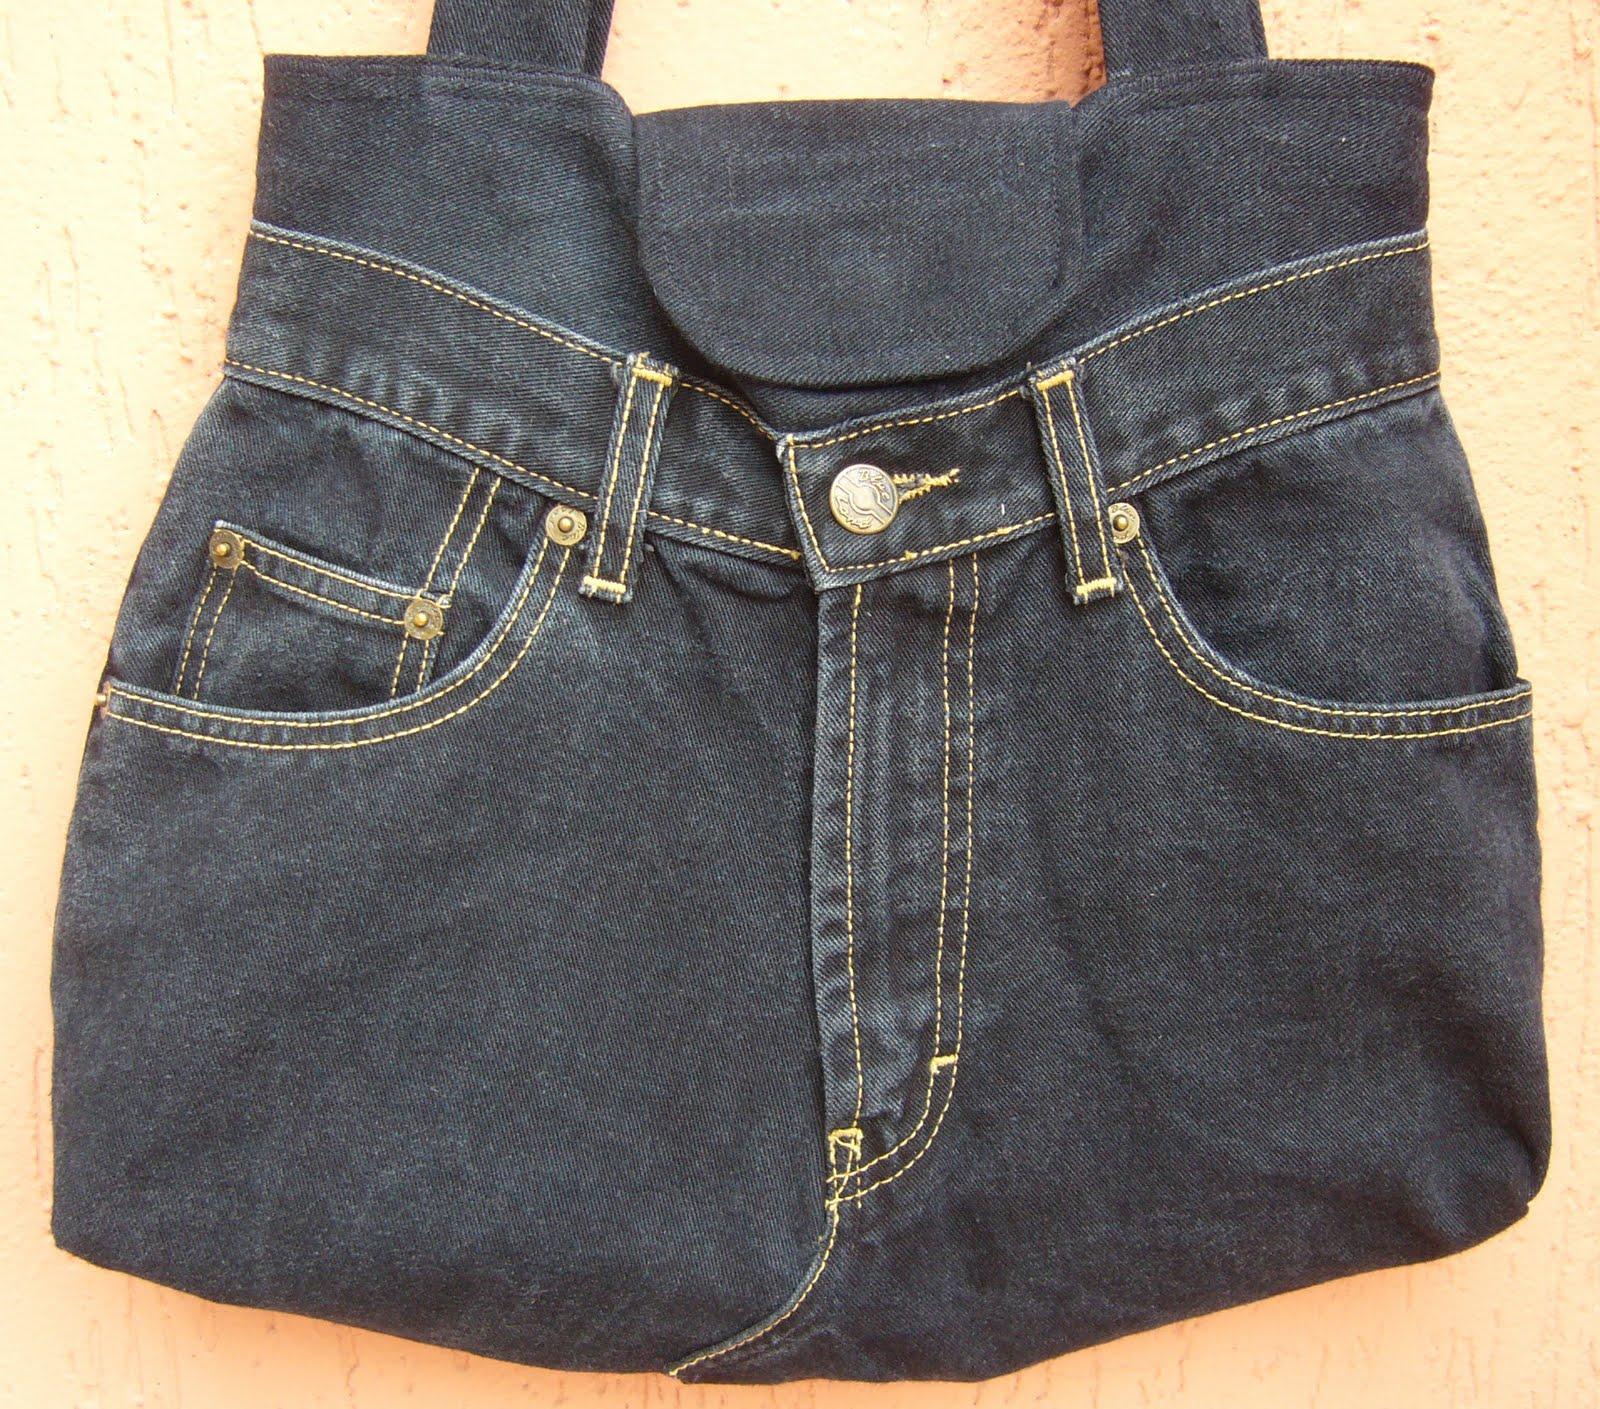 Borse Fatte A Mano Con I Jeans : Fior di anna riciclando borse jeans mamma e figlia